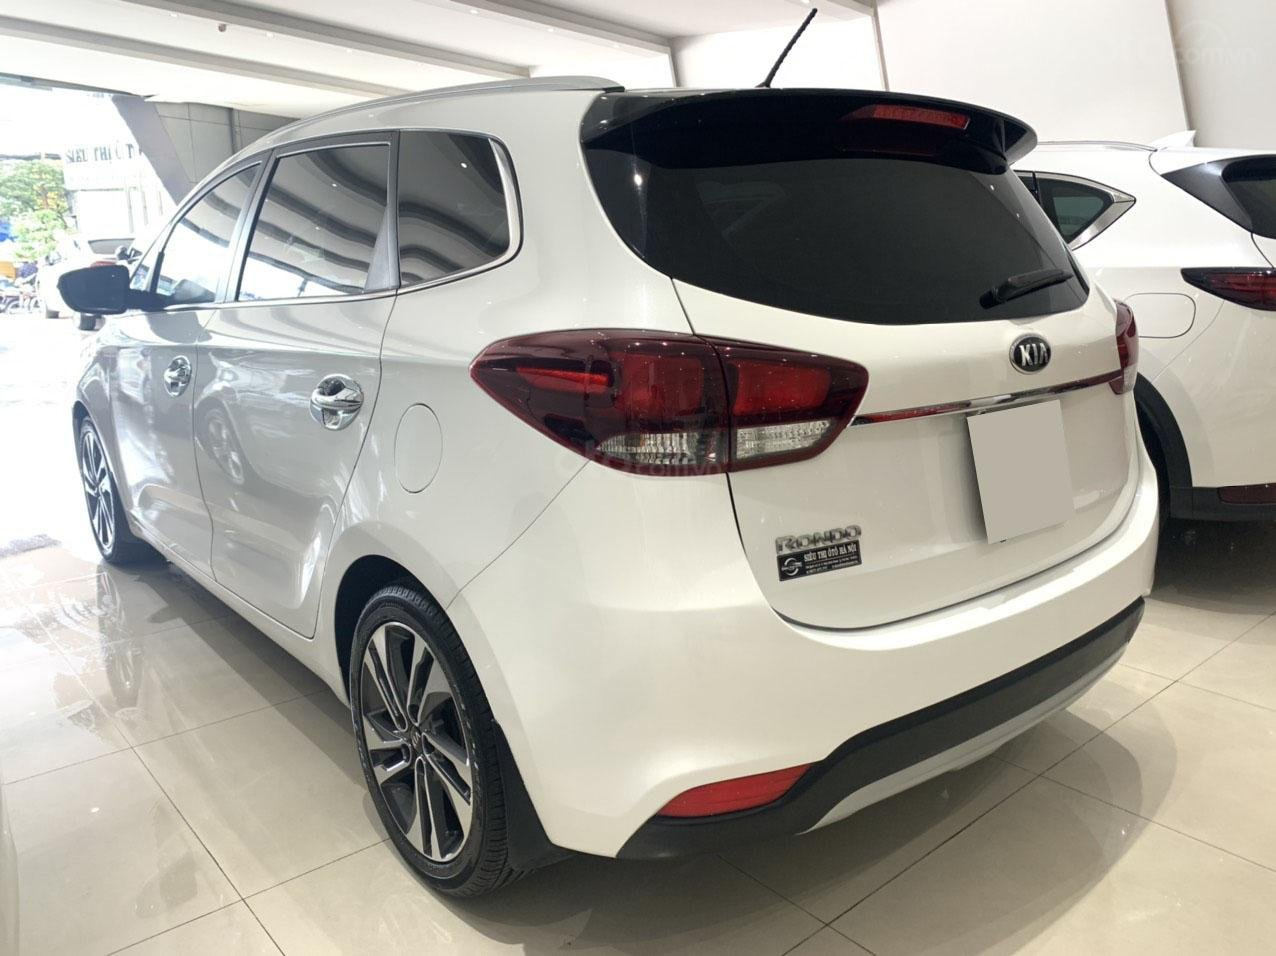 Bán xe Kia Rondo GAT 2.0 2018 cực đẹp (4)